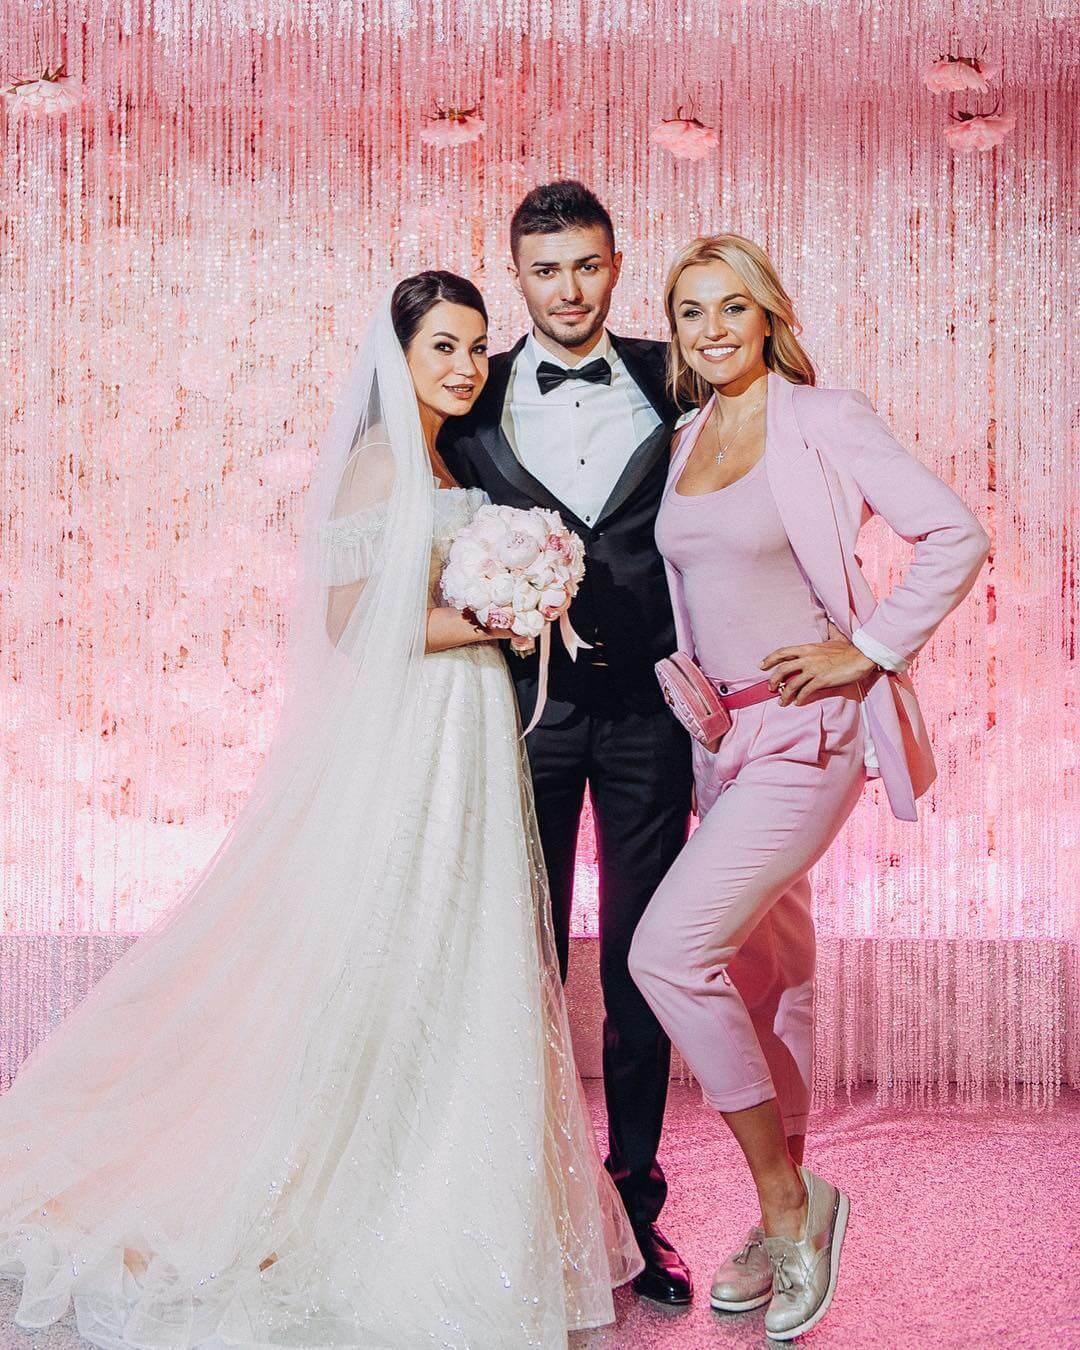 Свадьба Иды Галич: событие, за которым наблюдала